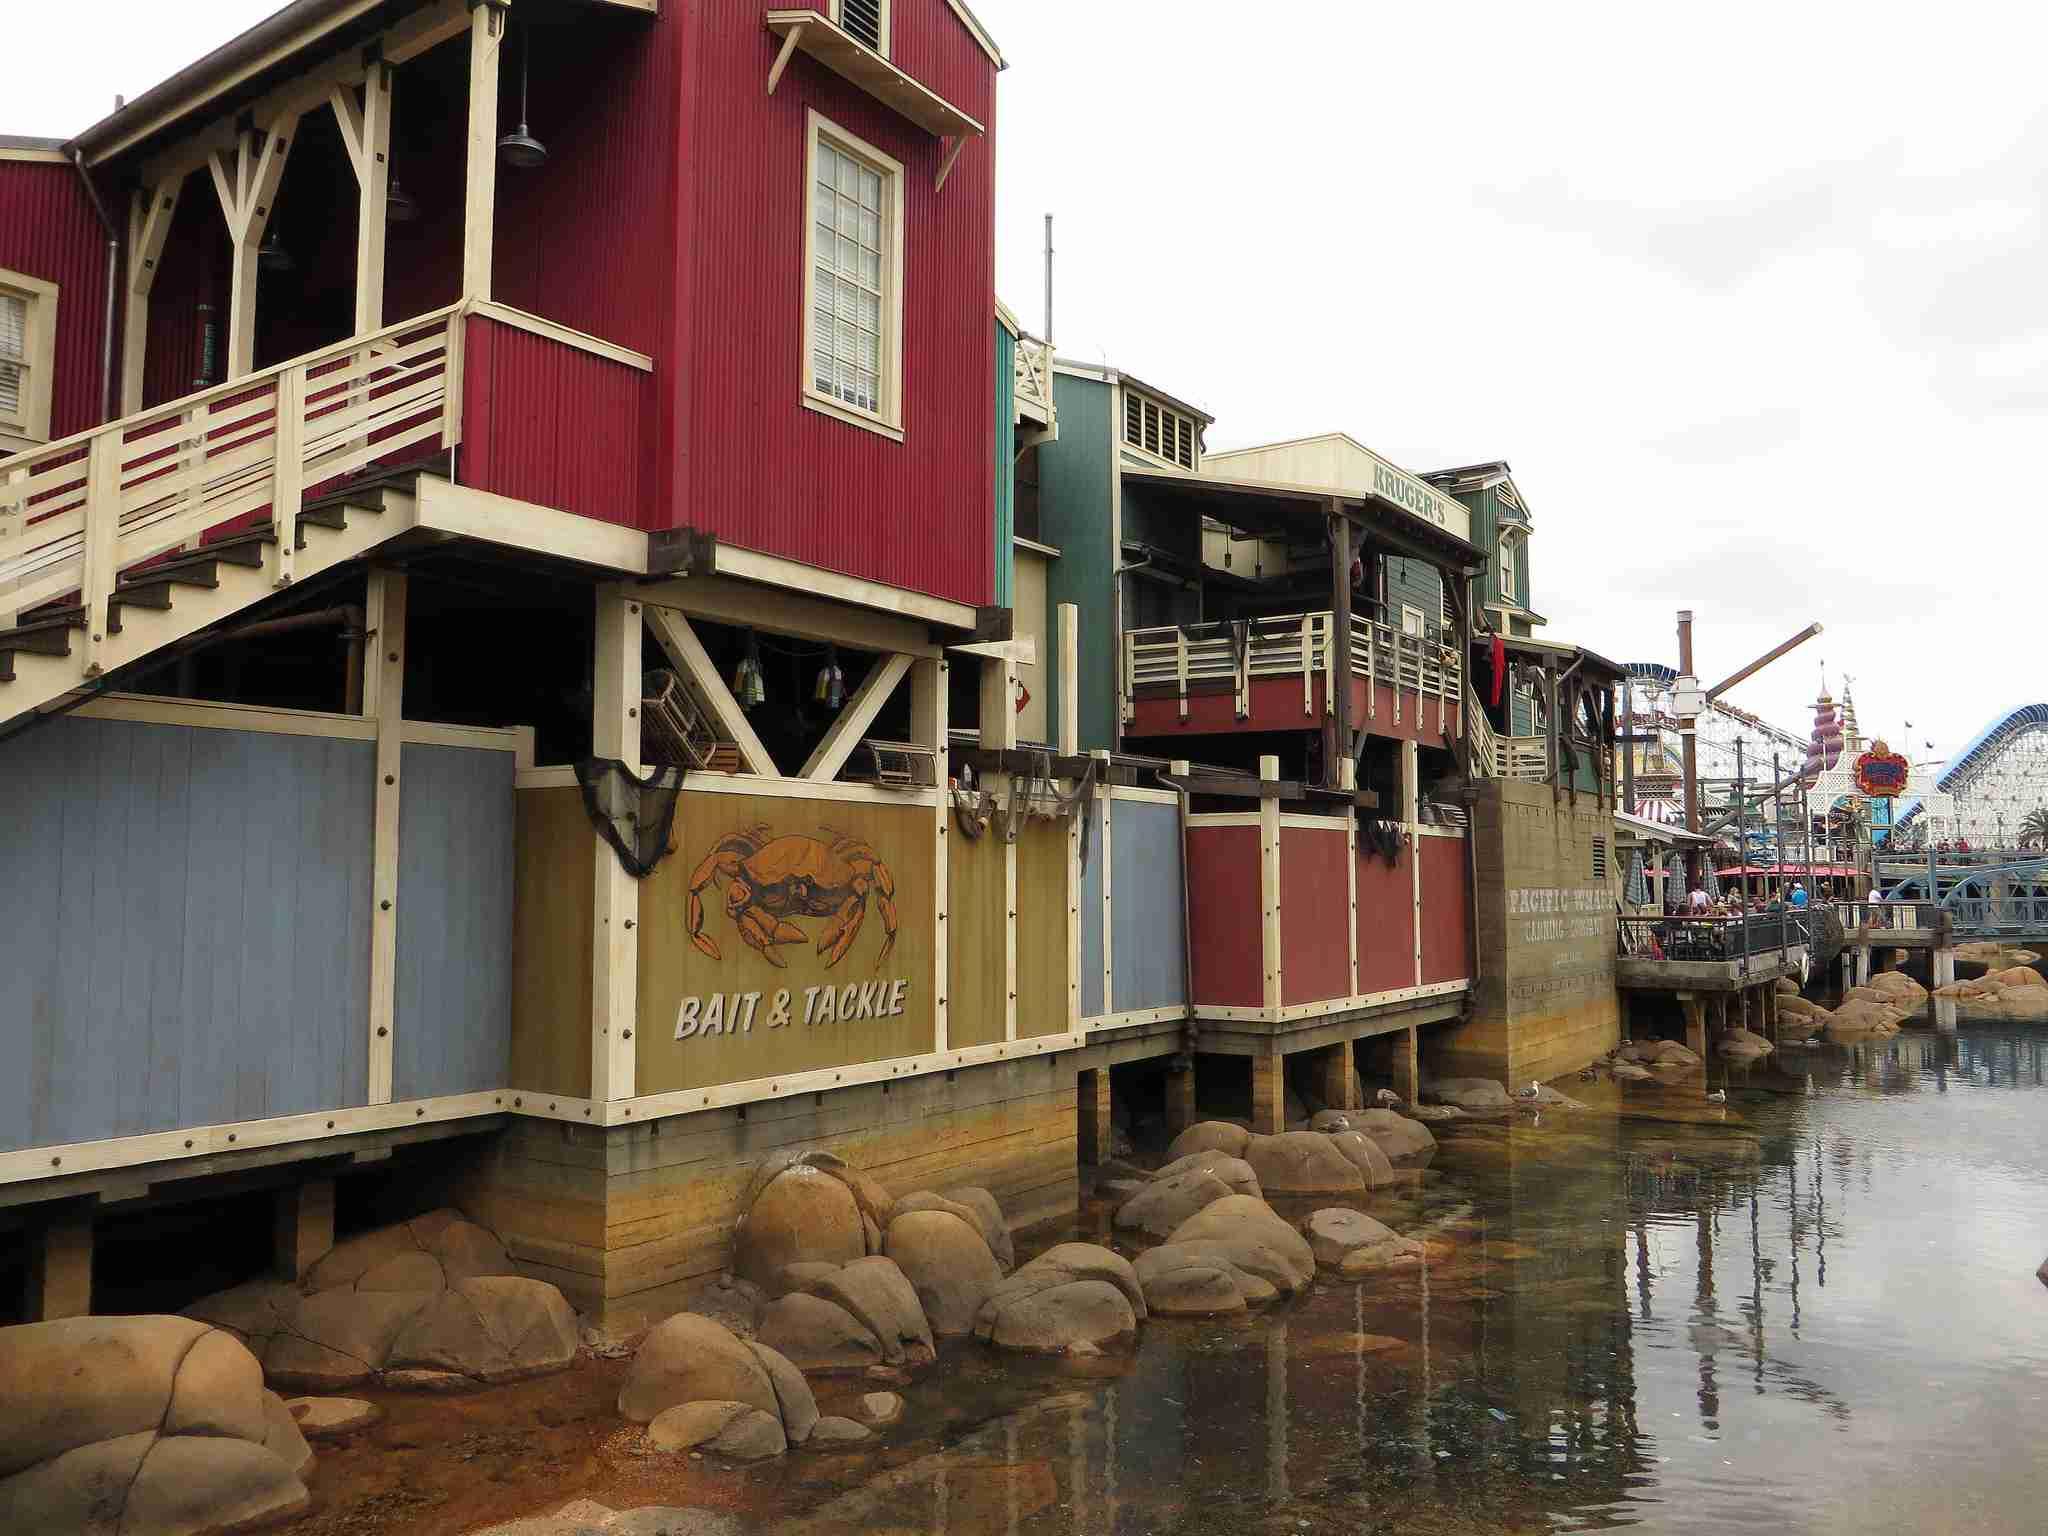 Pacific Wharf, Disney California Adventure, Anaheim, California